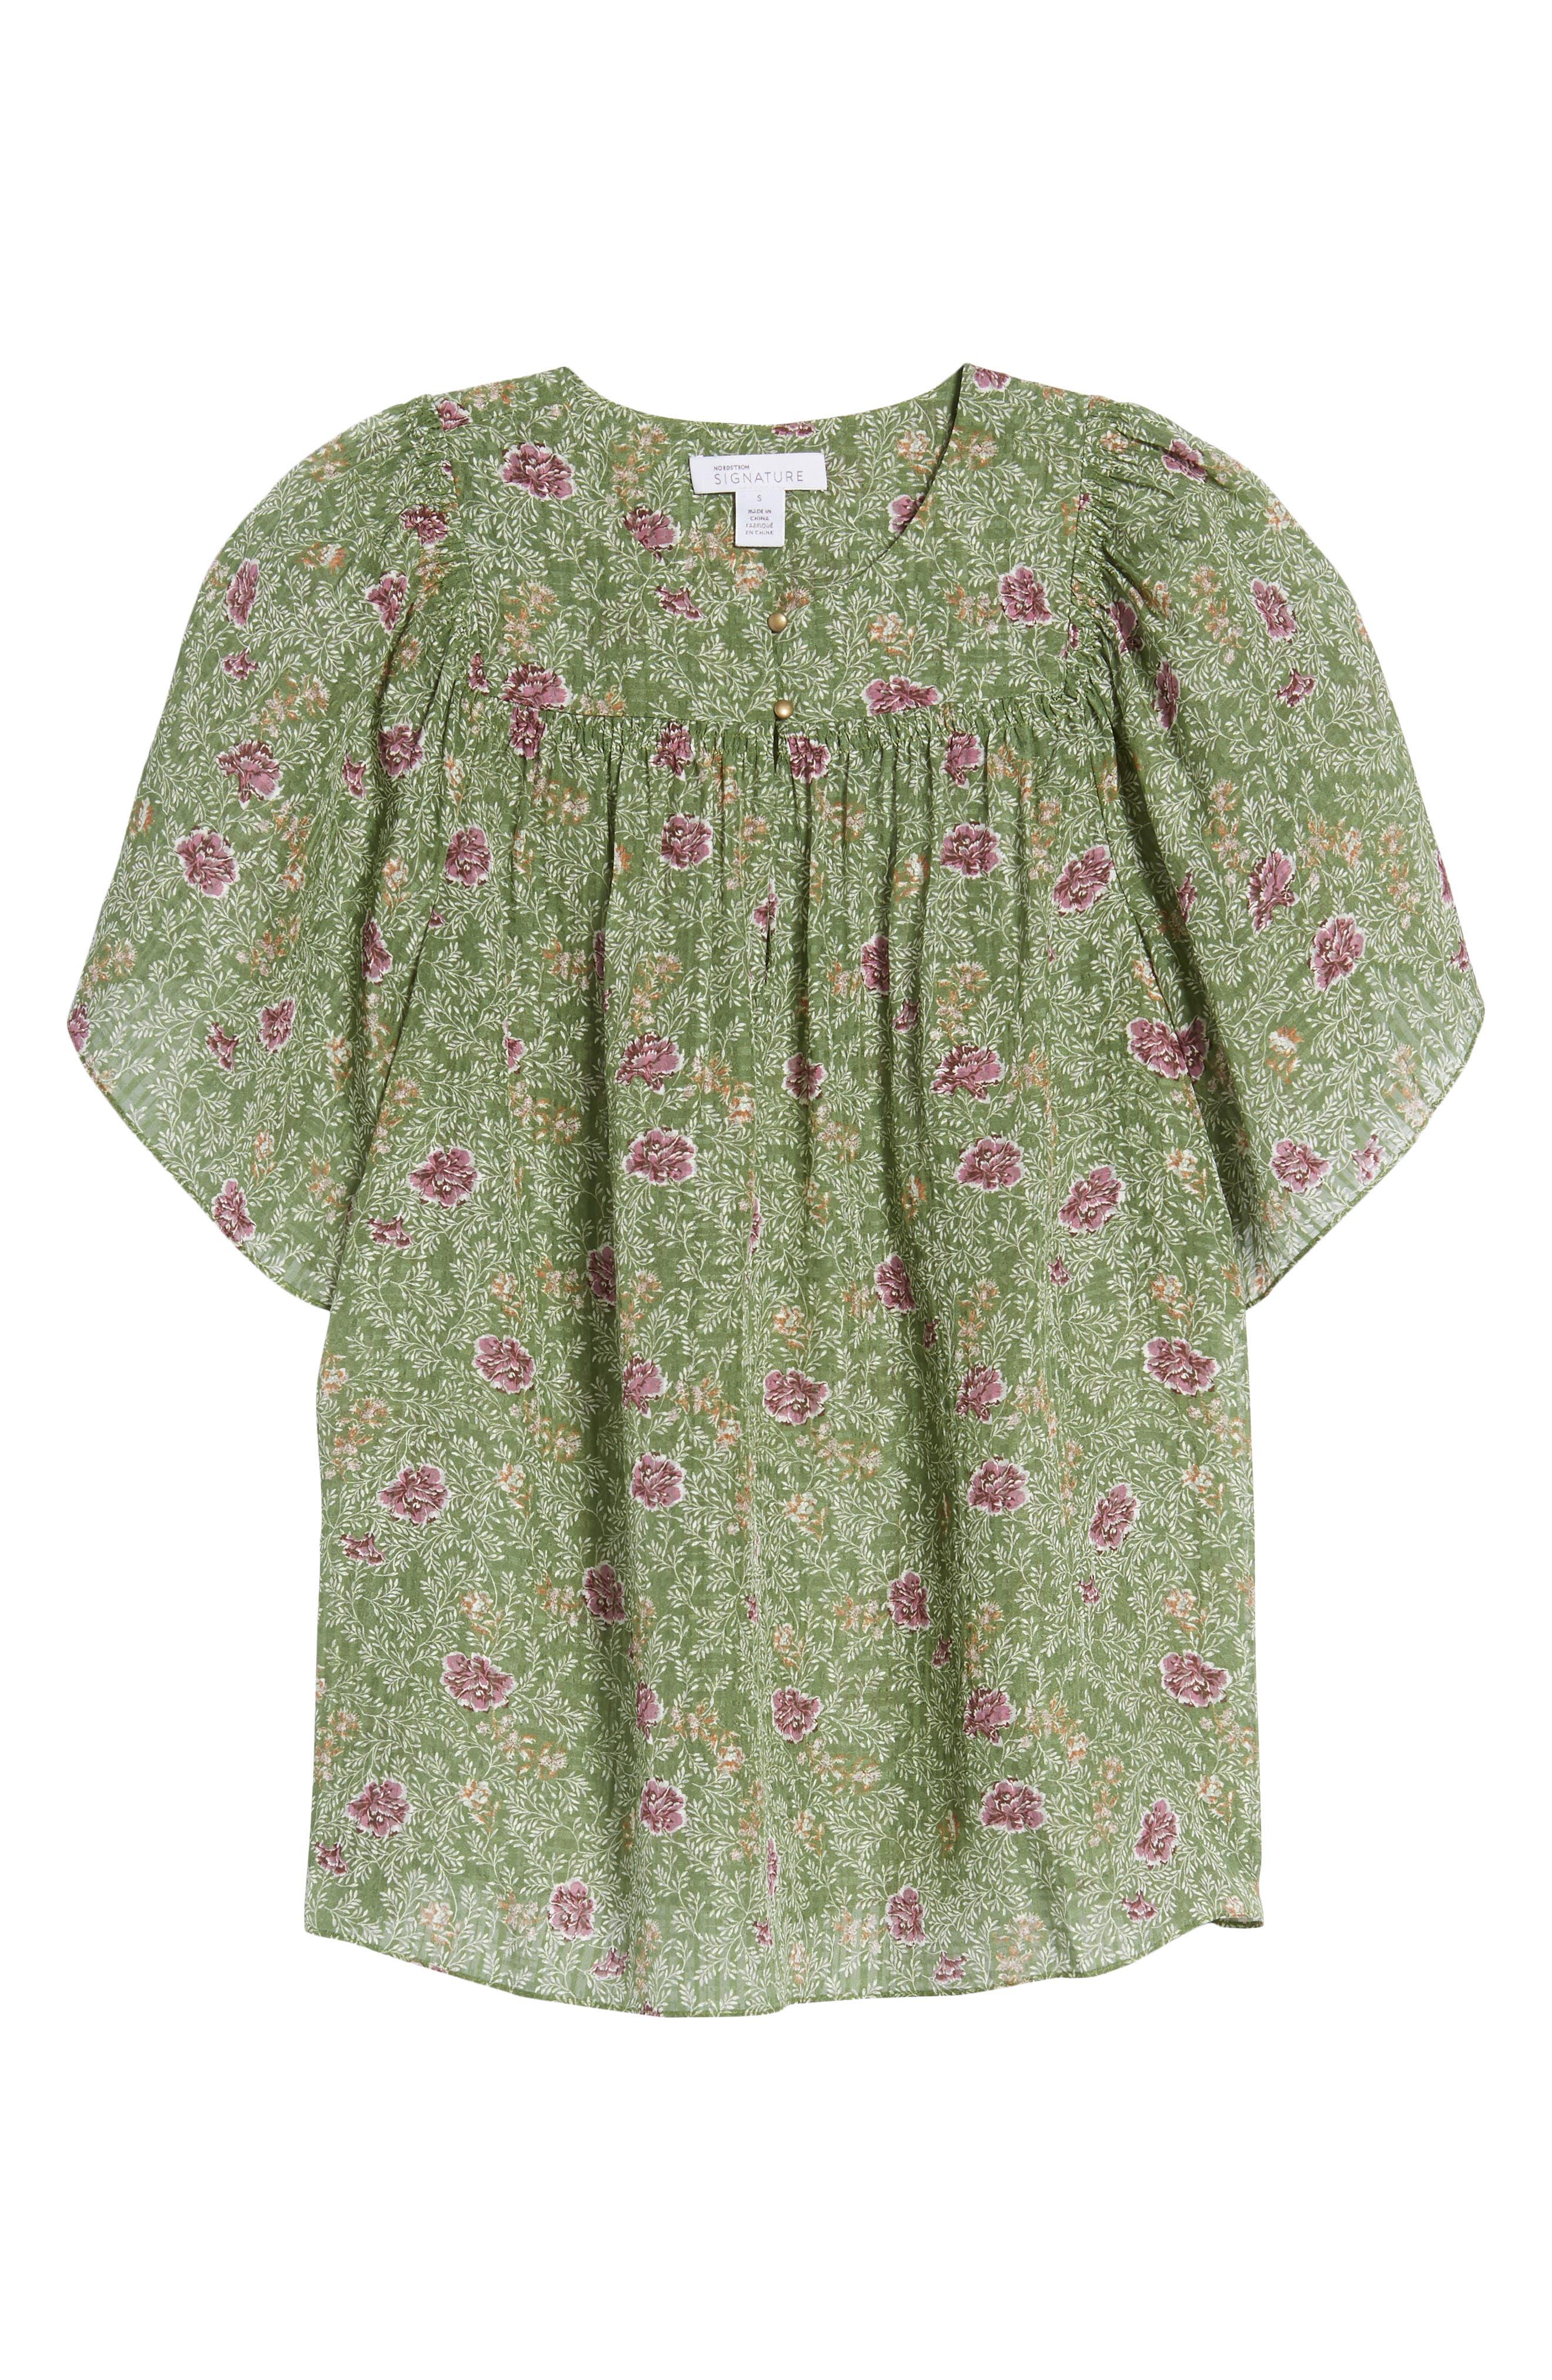 Floral Flutter Sleeve Silk Top,                             Alternate thumbnail 7, color,                             Green Vineyard Jakarta Floral